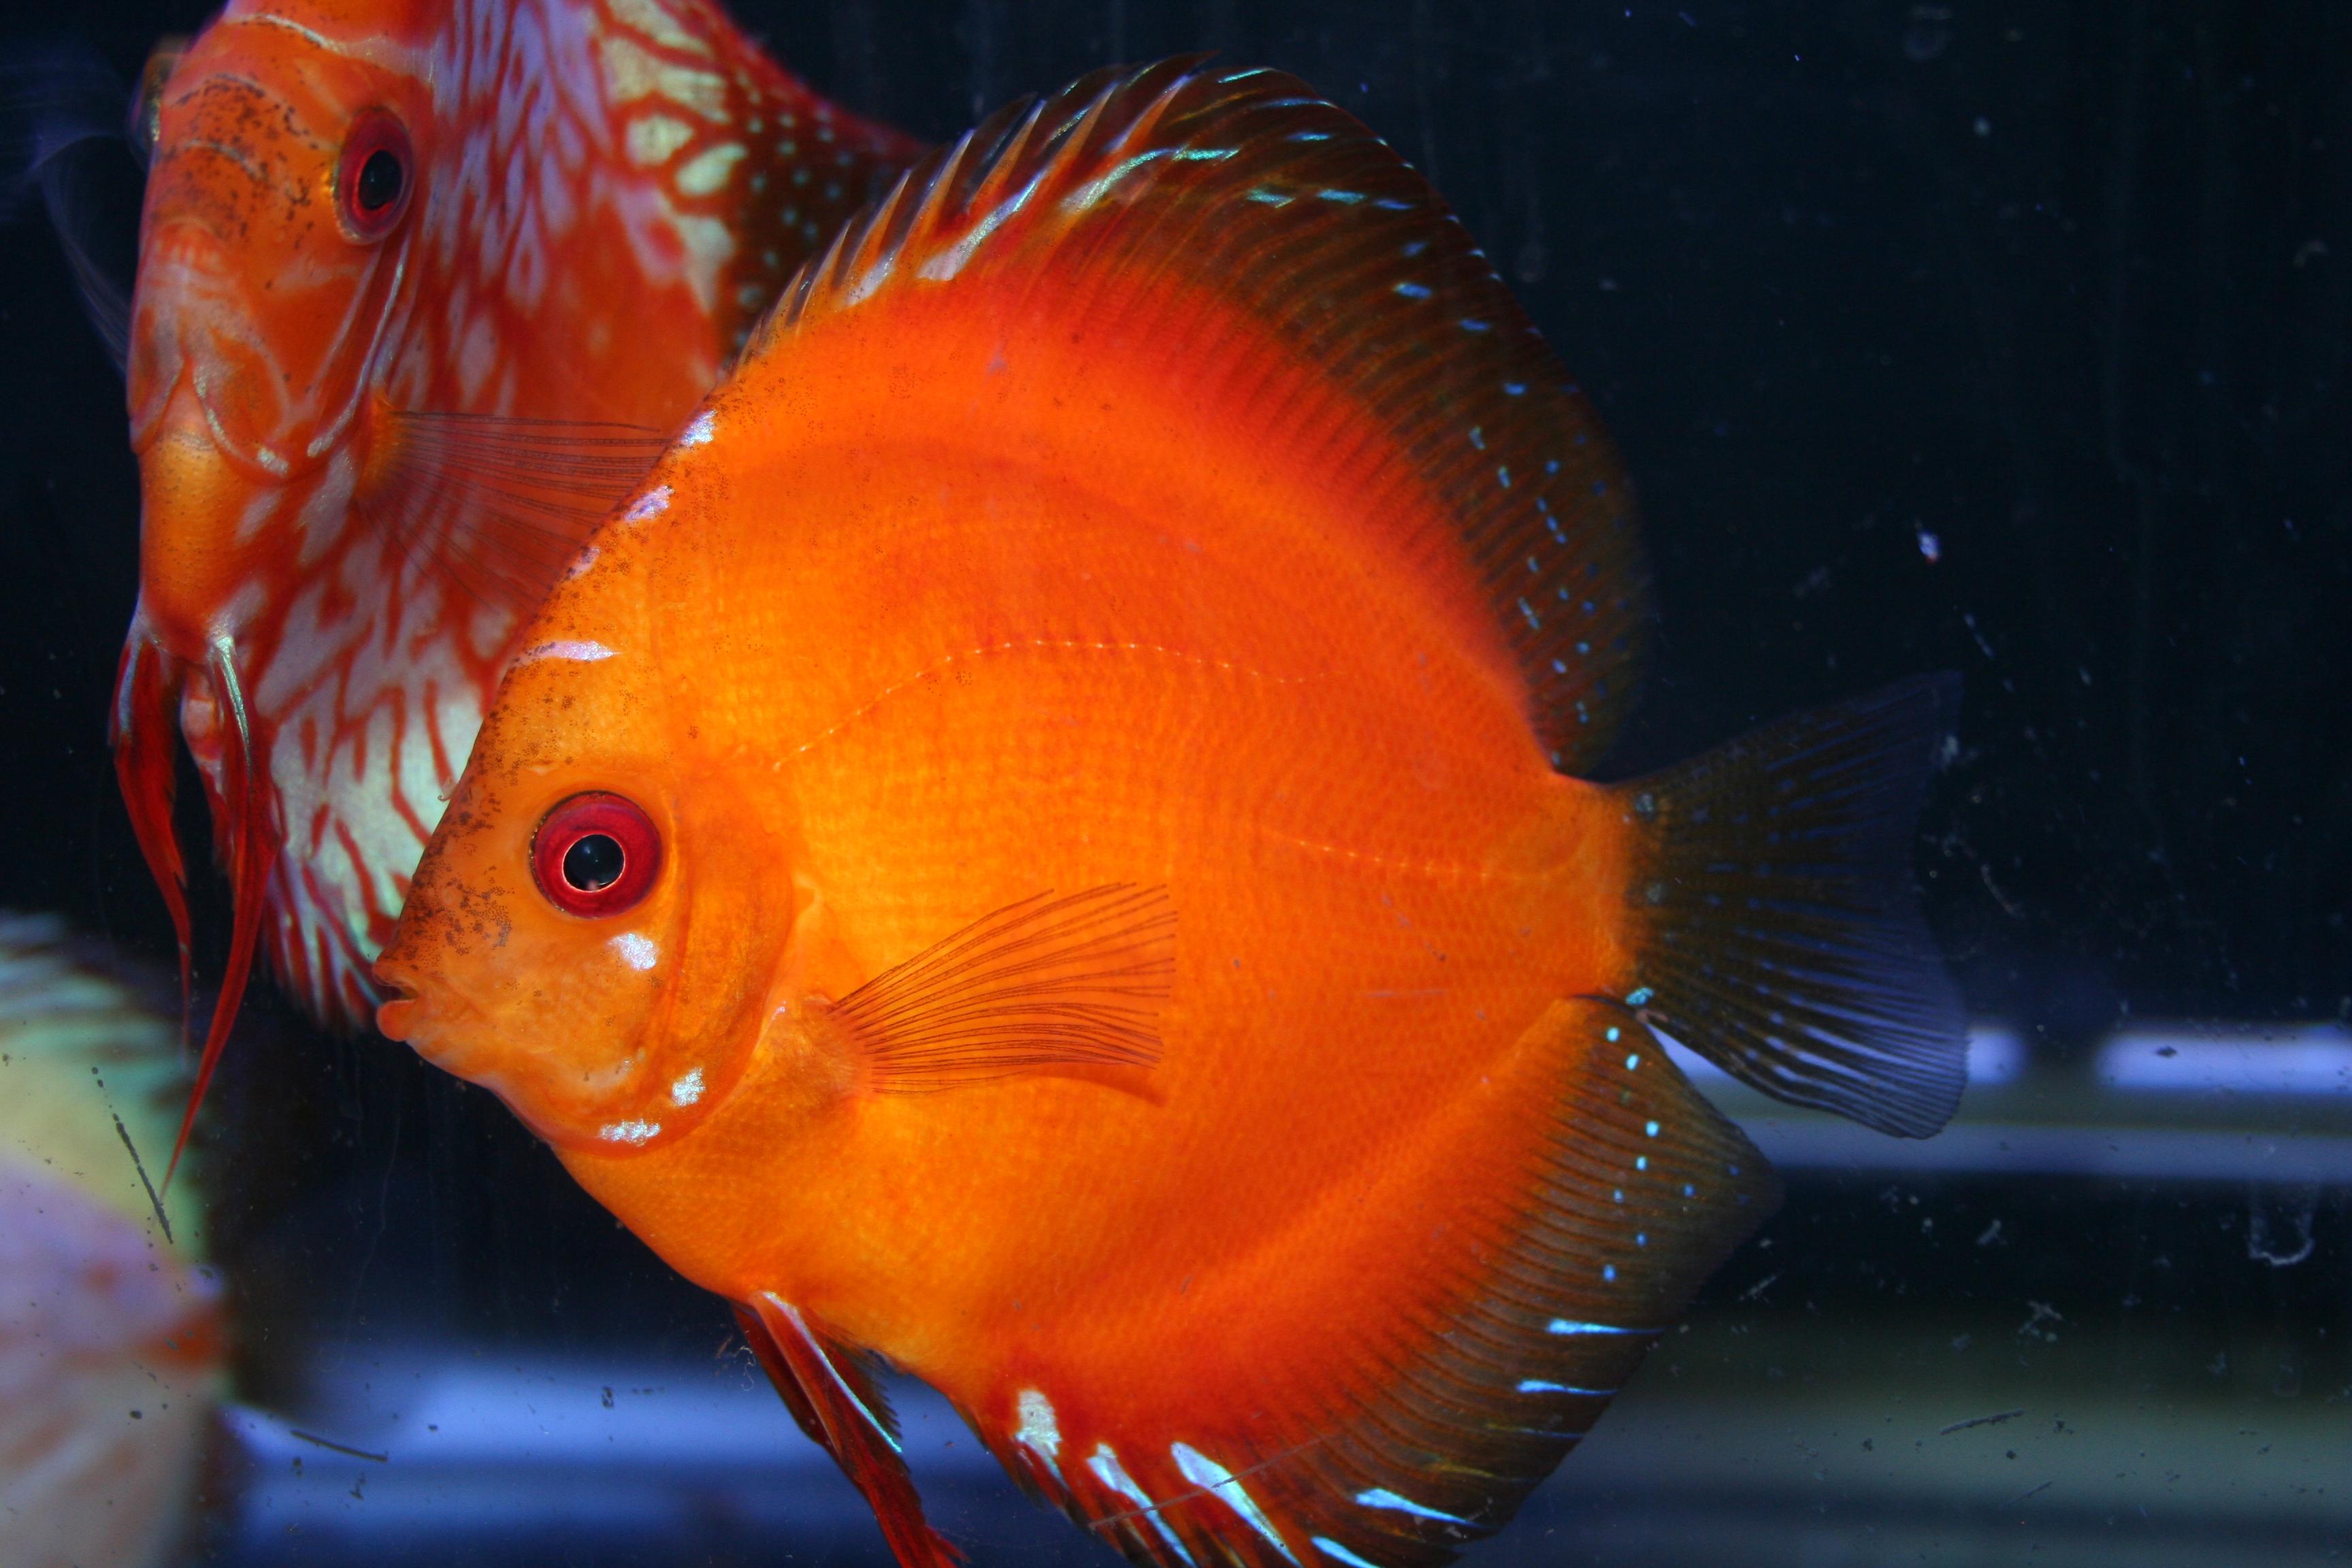 cichlids.com: Fire Red Discus